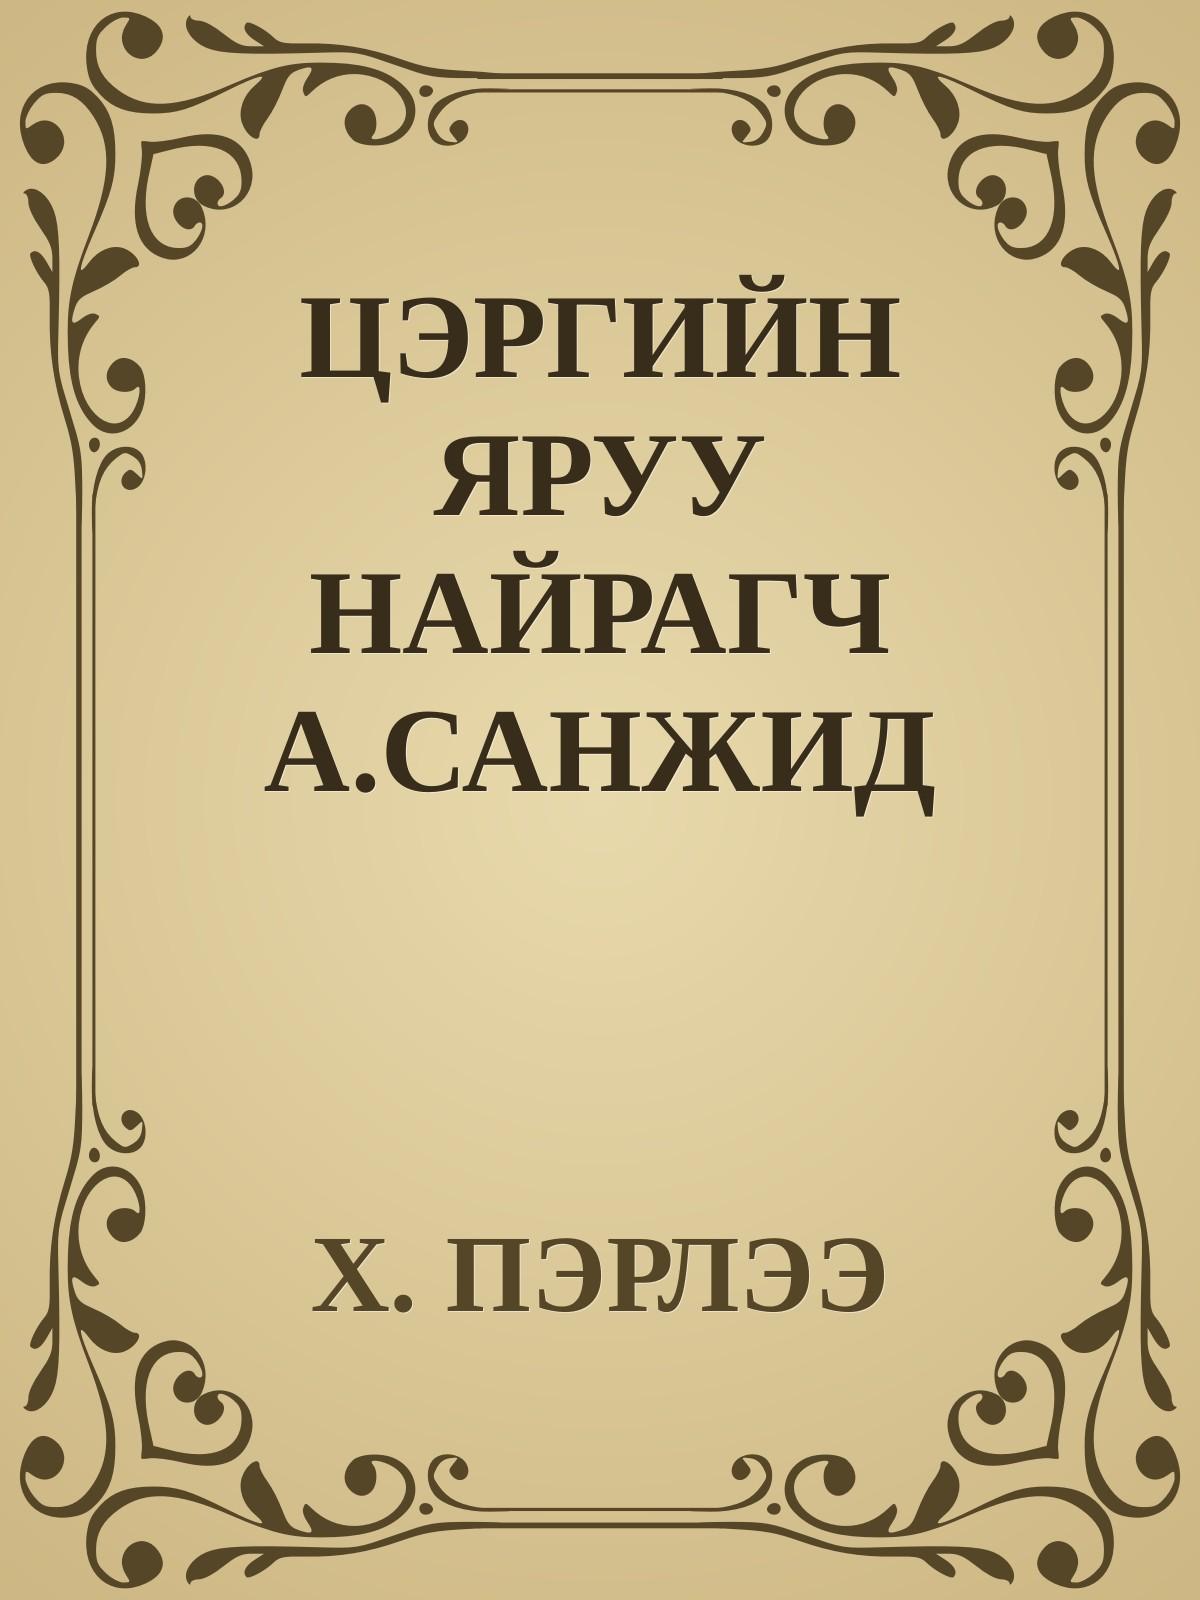 ЦЭРГИЙН ЯРУУ НАЙРАГЧ А. САНЖИД